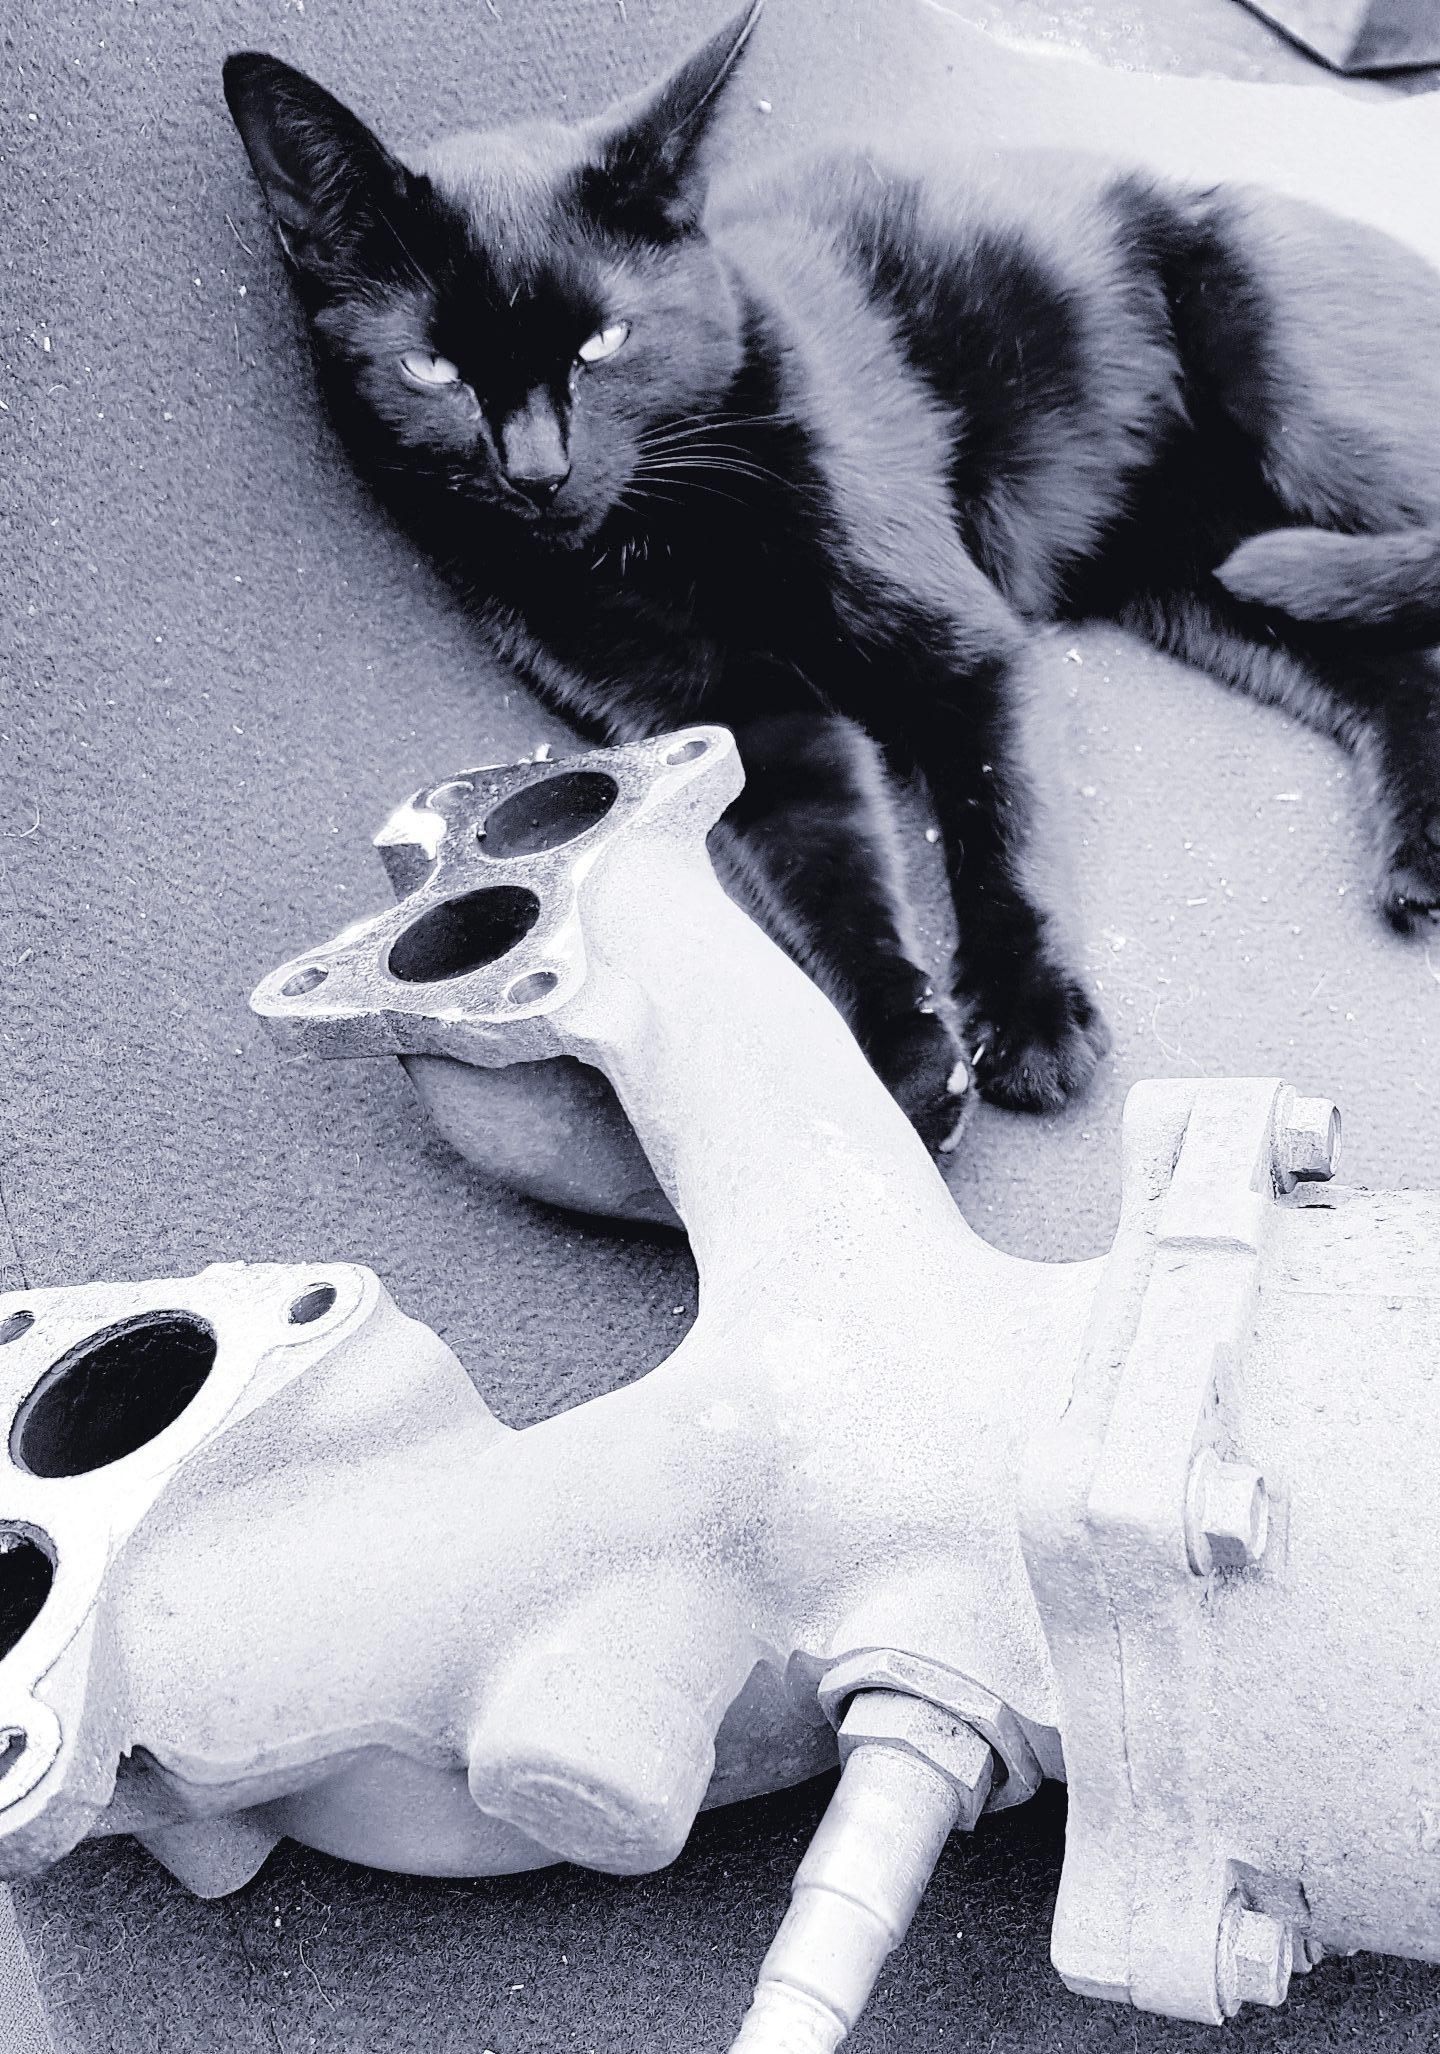 SCRAP CATS @ SCRAPPIE.CO.UK